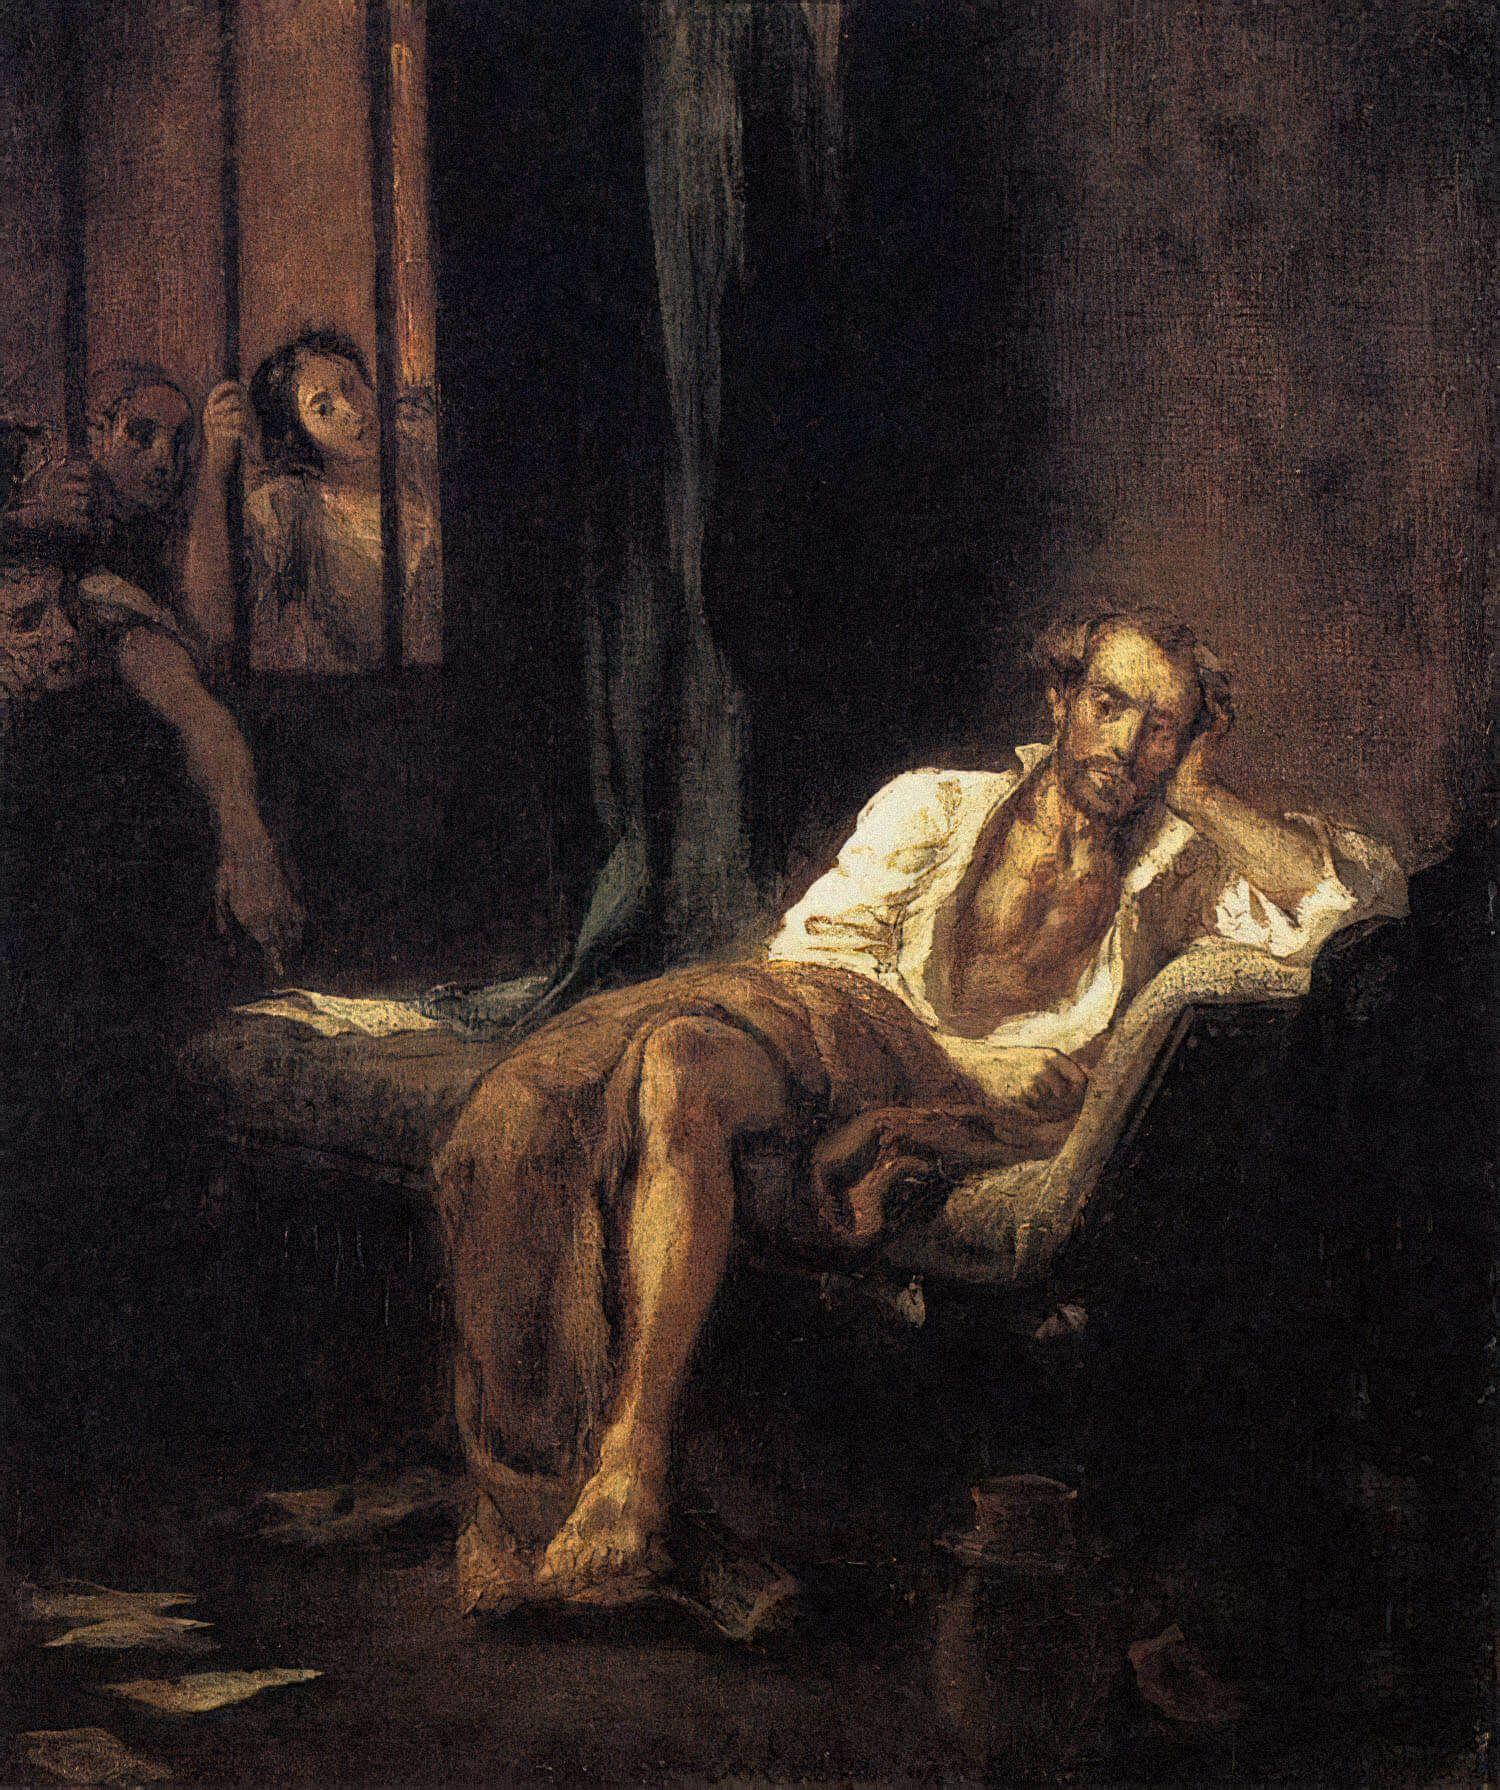 Картина «Тассо в больнице Св. Анны». Художник Эжен Делакруа, 1824 год. Источник: wikipedia.org